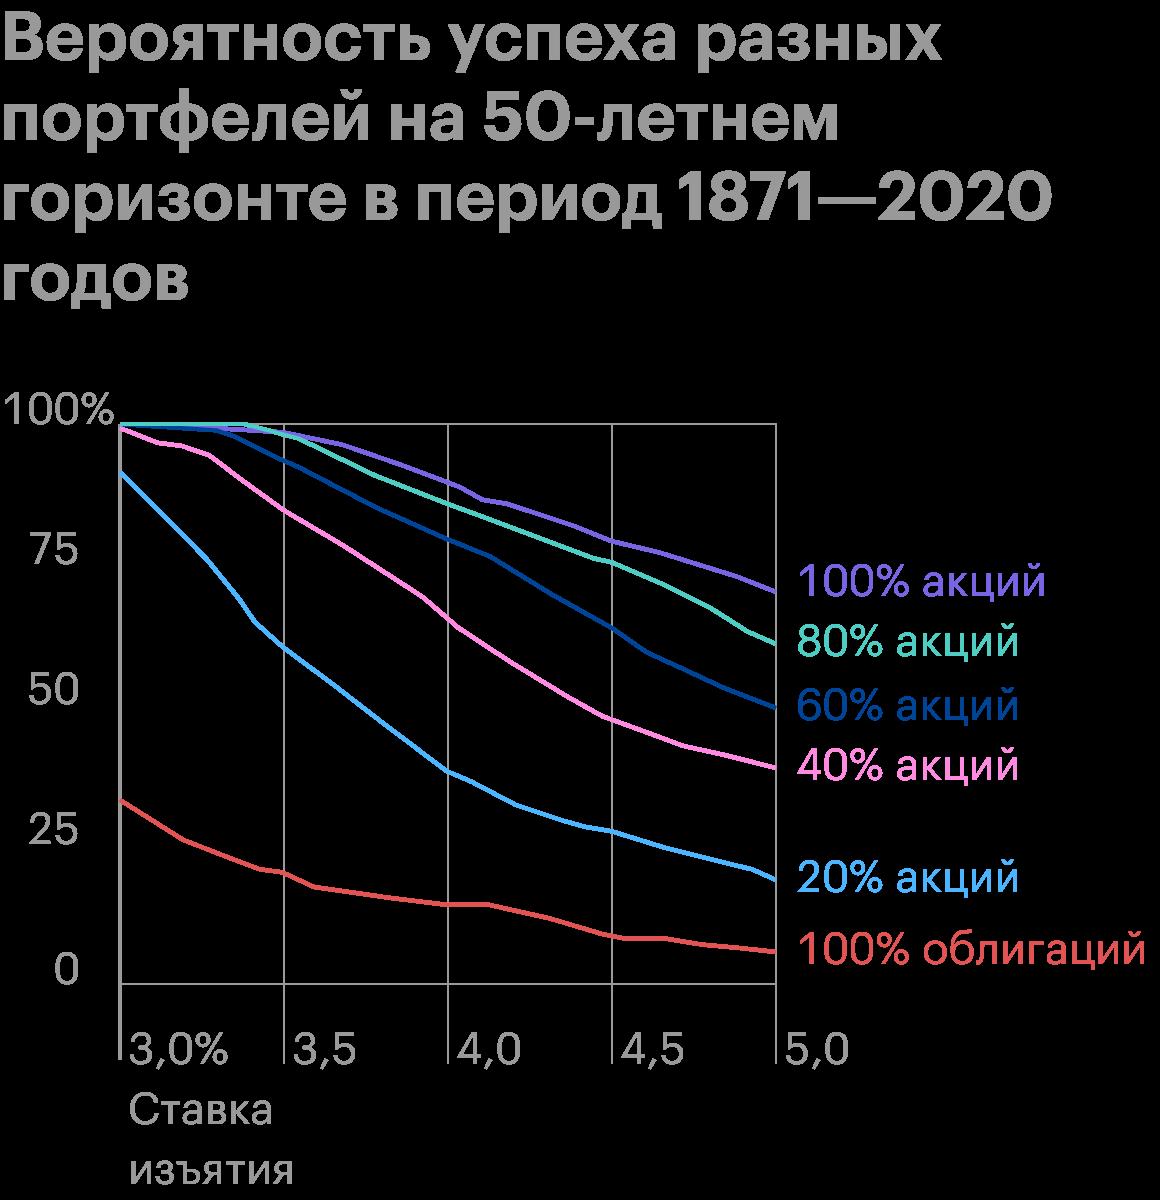 Здесь ничего нового: как мы и видели раньше, приставках ниже 3,5% лучший показатель успеха дает стратегия «80% акций и 20% облигаций», а приболее высоких ставках — портфель на 100% из акций. Источник: Poor Swiss